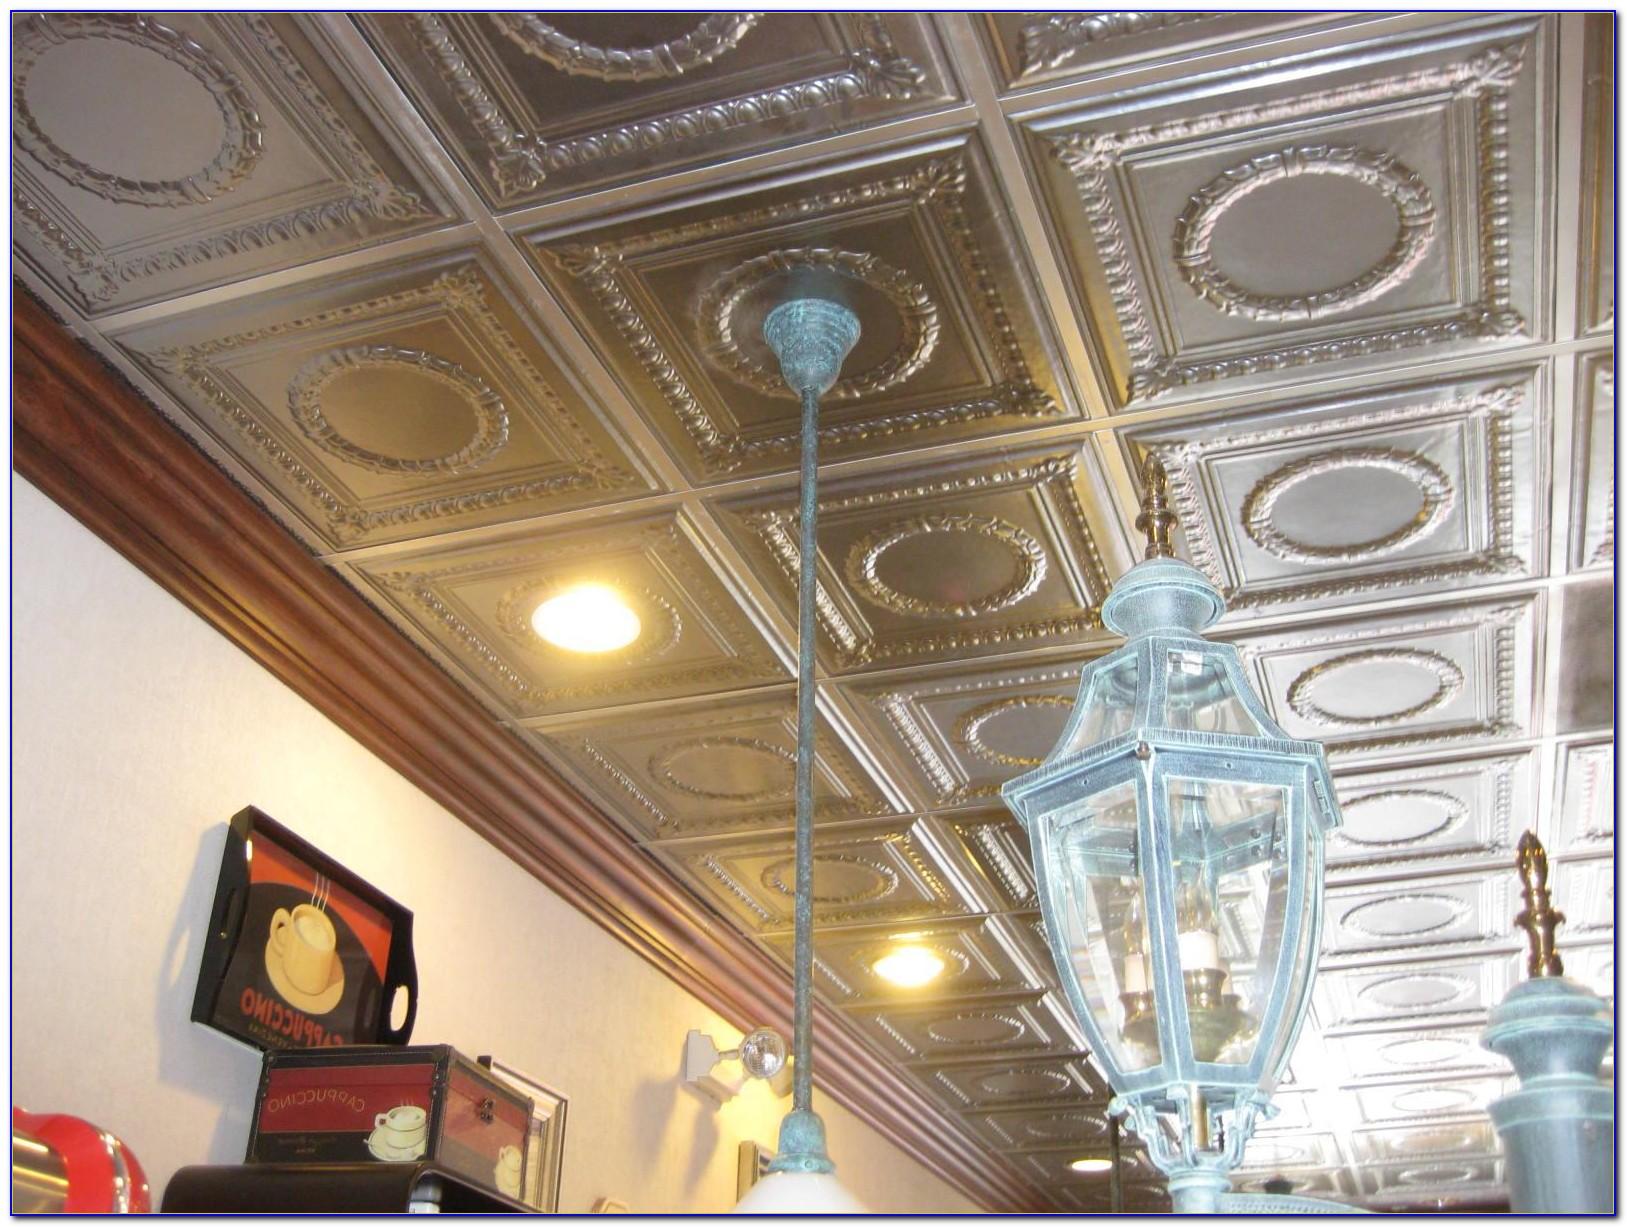 Decorative Acoustical Ceiling Panels